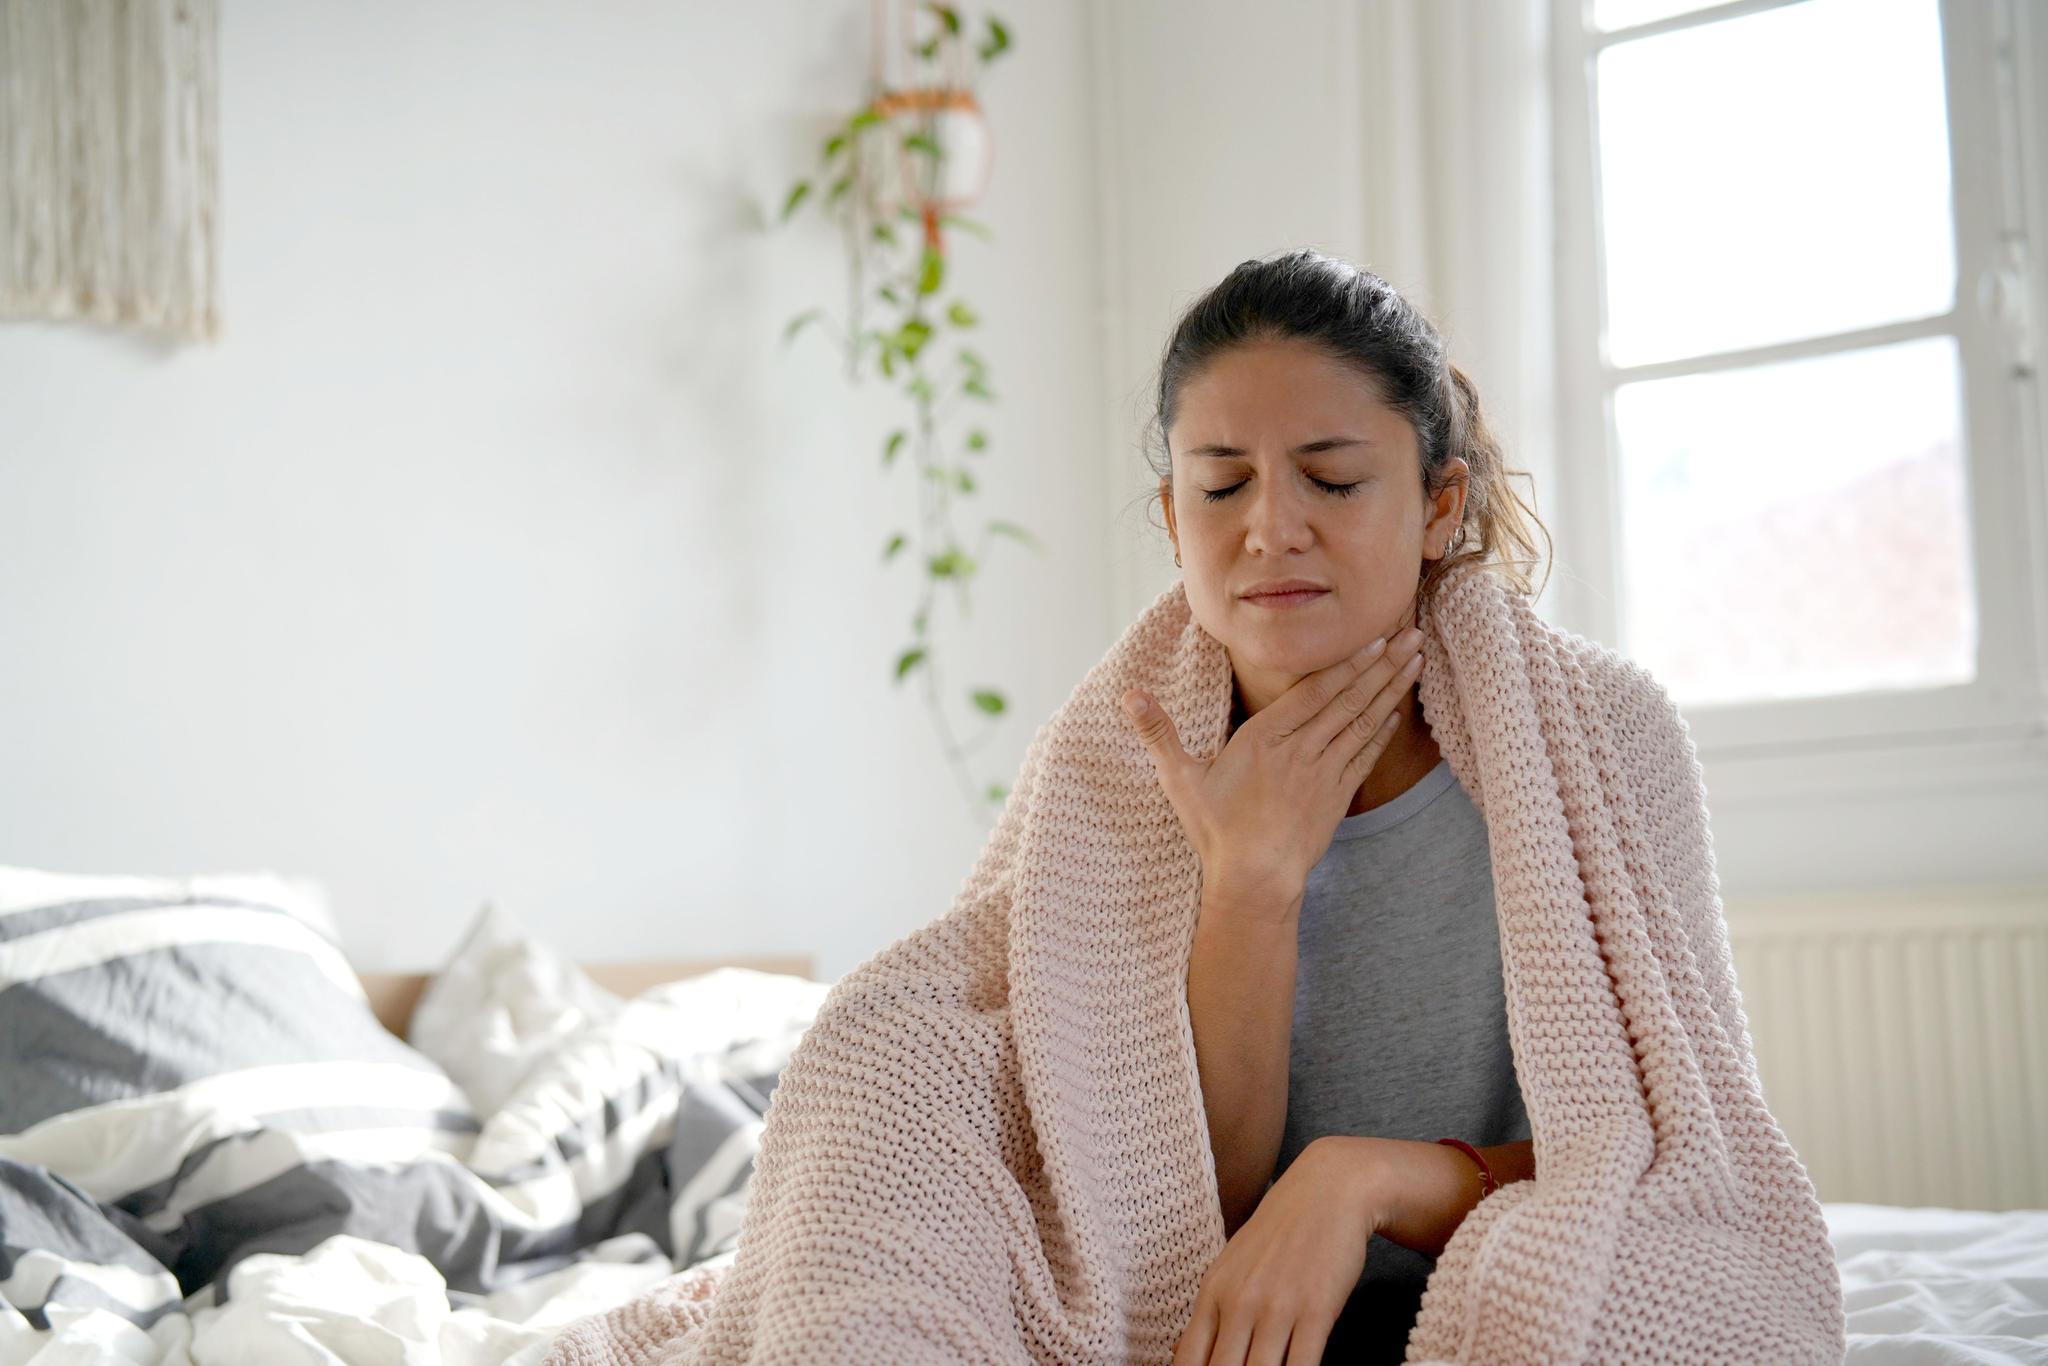 Schluckbeschwerden sind überwiegend harmlos, können jedoch auch auf Krankheiten hindeuten